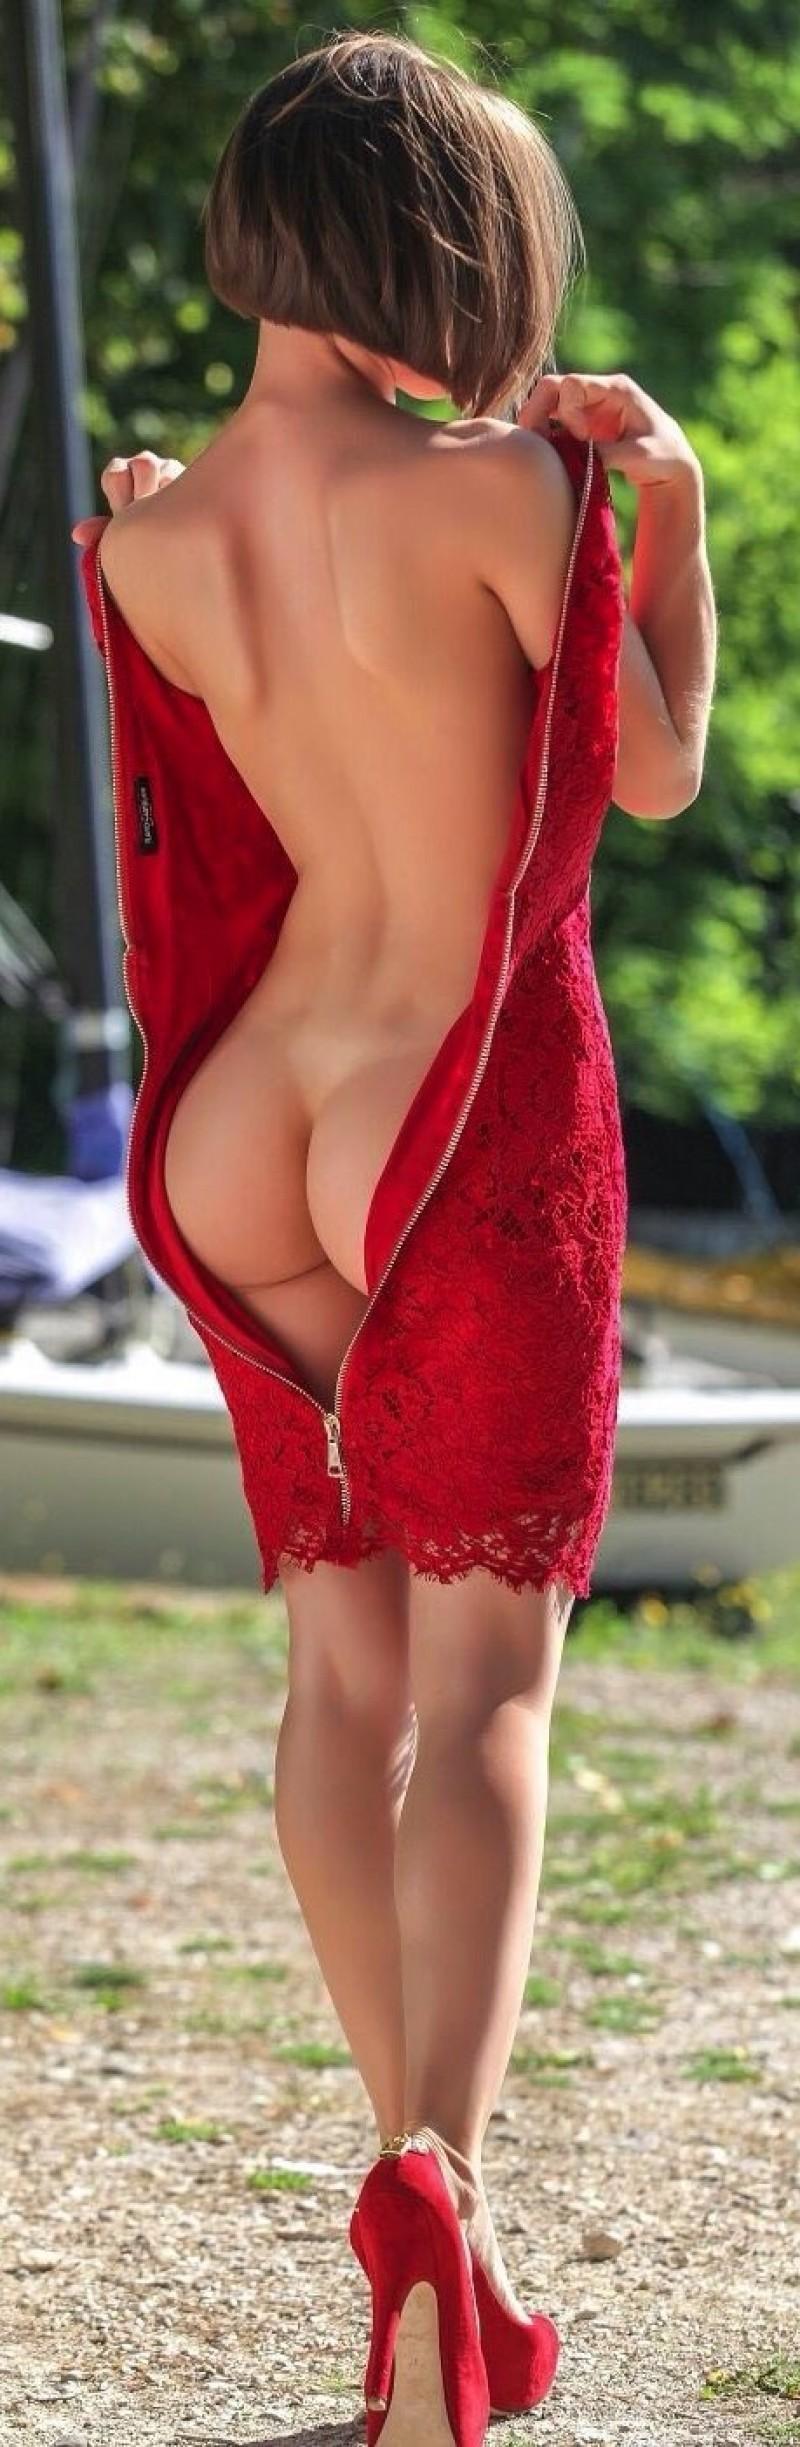 Erstaunliches Sextape mit einer heißen Freundin und ihrer Sperma triefenden Muschi photo 3